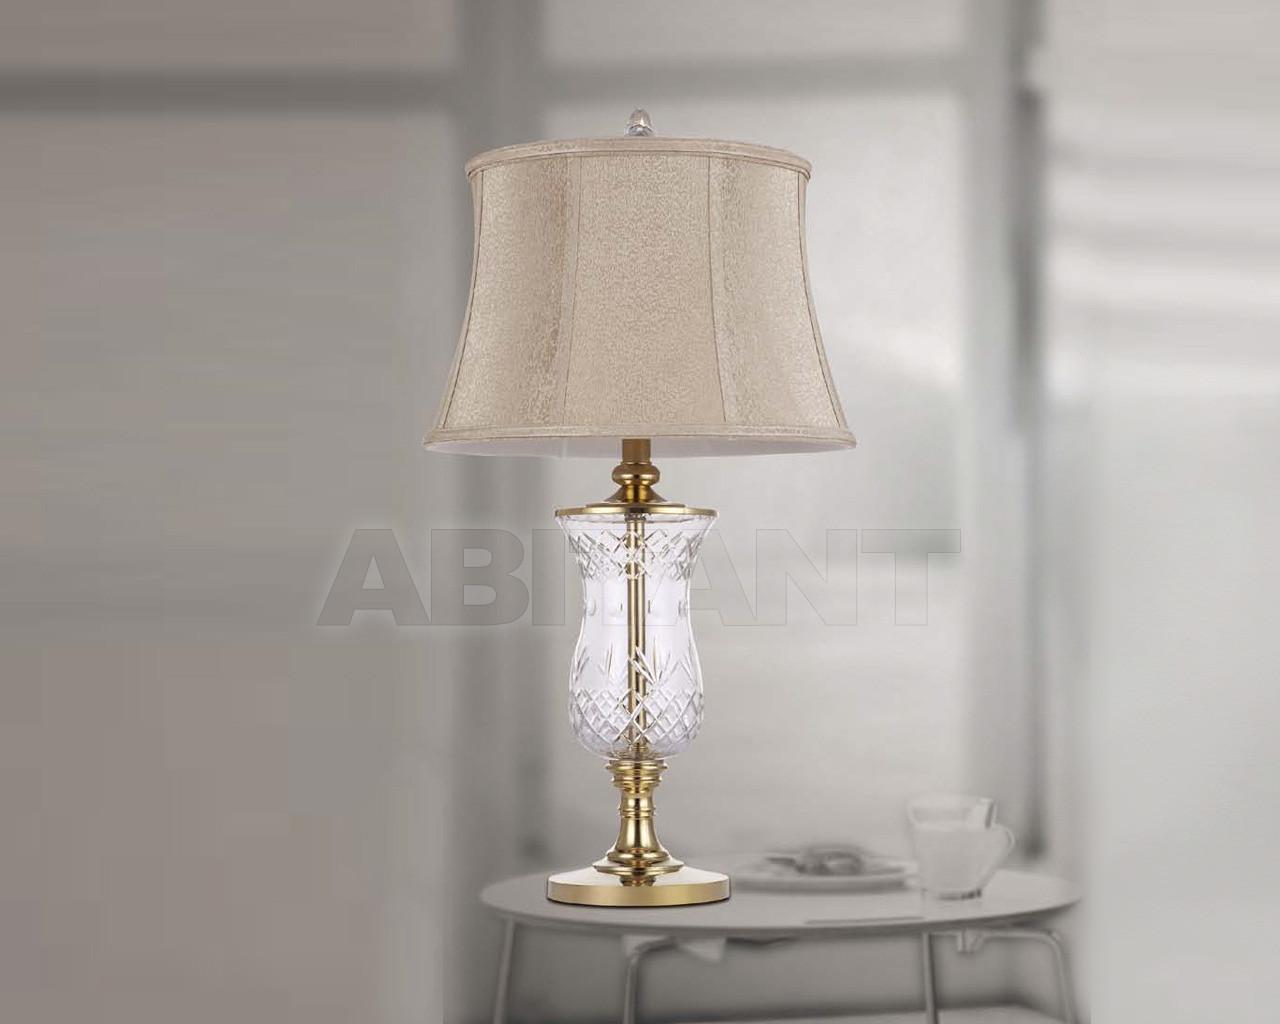 Купить Лампа настольная Crystallux Crystallux 2014 DYLAN LG